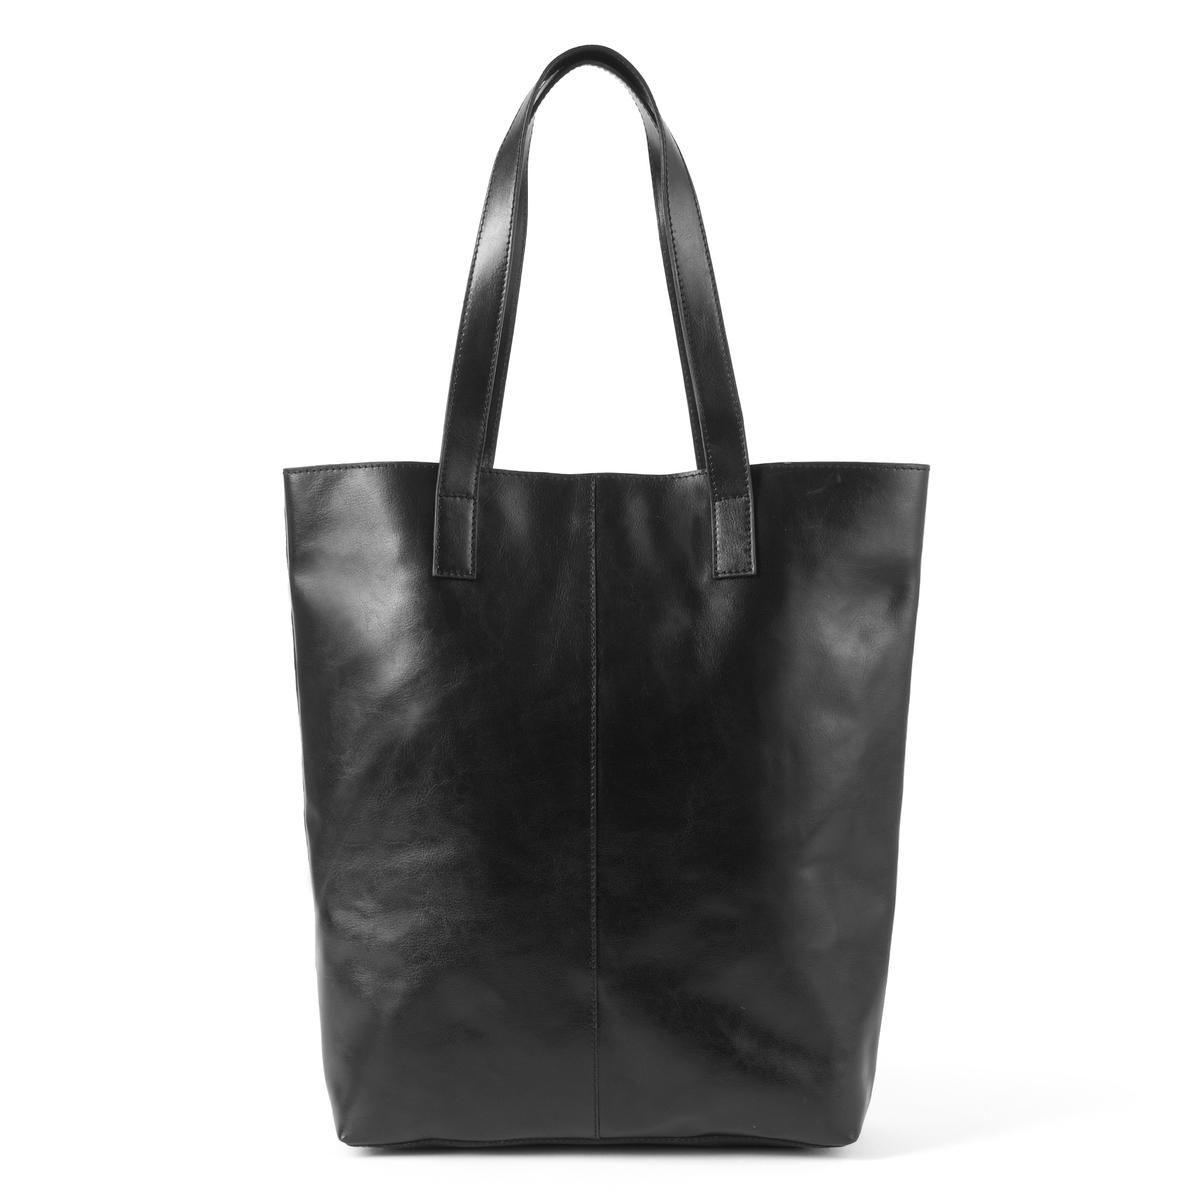 Сумка кожанаяОписание:Очень практичная сумка, 100% кожи, 100% стиля: подходит для прогулок по городу или непродолжительных поездок! Состав и описание : Материал : верх 100% яловичная кожа             текстильная подкладкаРазмеры : 30 X 10 X 38 смЗастежка :  кнопка на магнитеВнутренние карманы : 1 карман на молнии, 2 кармана для мобильных<br><br>Цвет: черный<br>Размер: единый размер